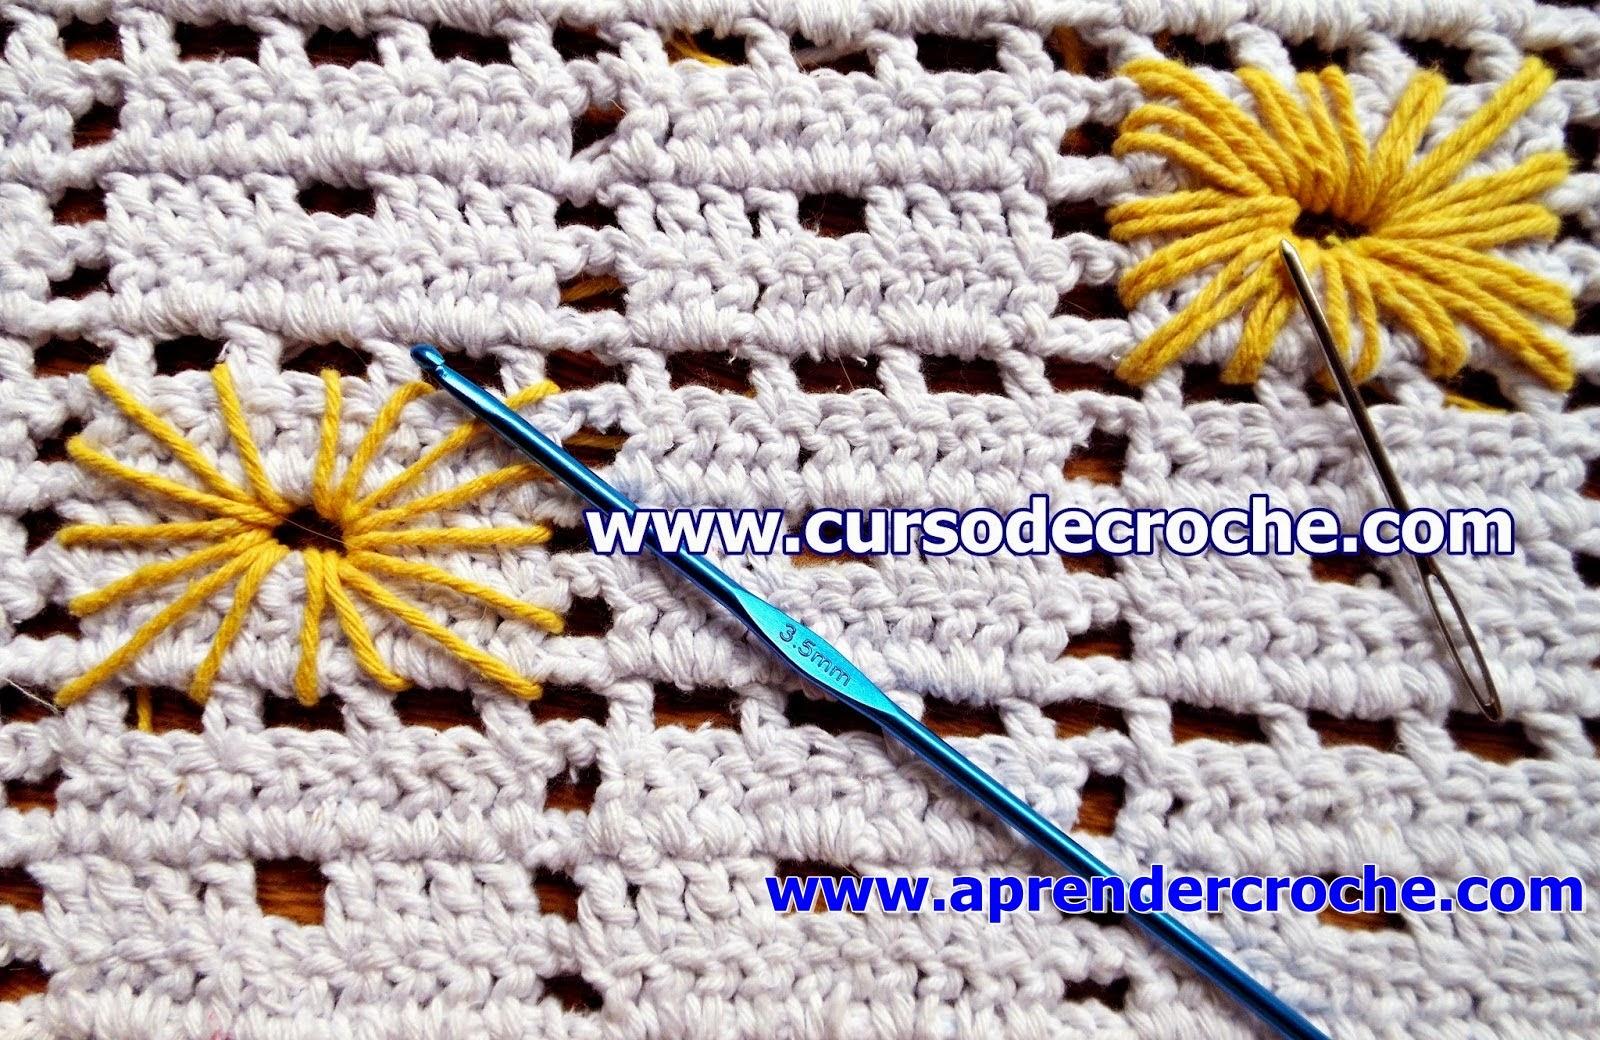 Tapete em crochê filé bordado ponto ilhós Aprender Croche com Edinir Croche